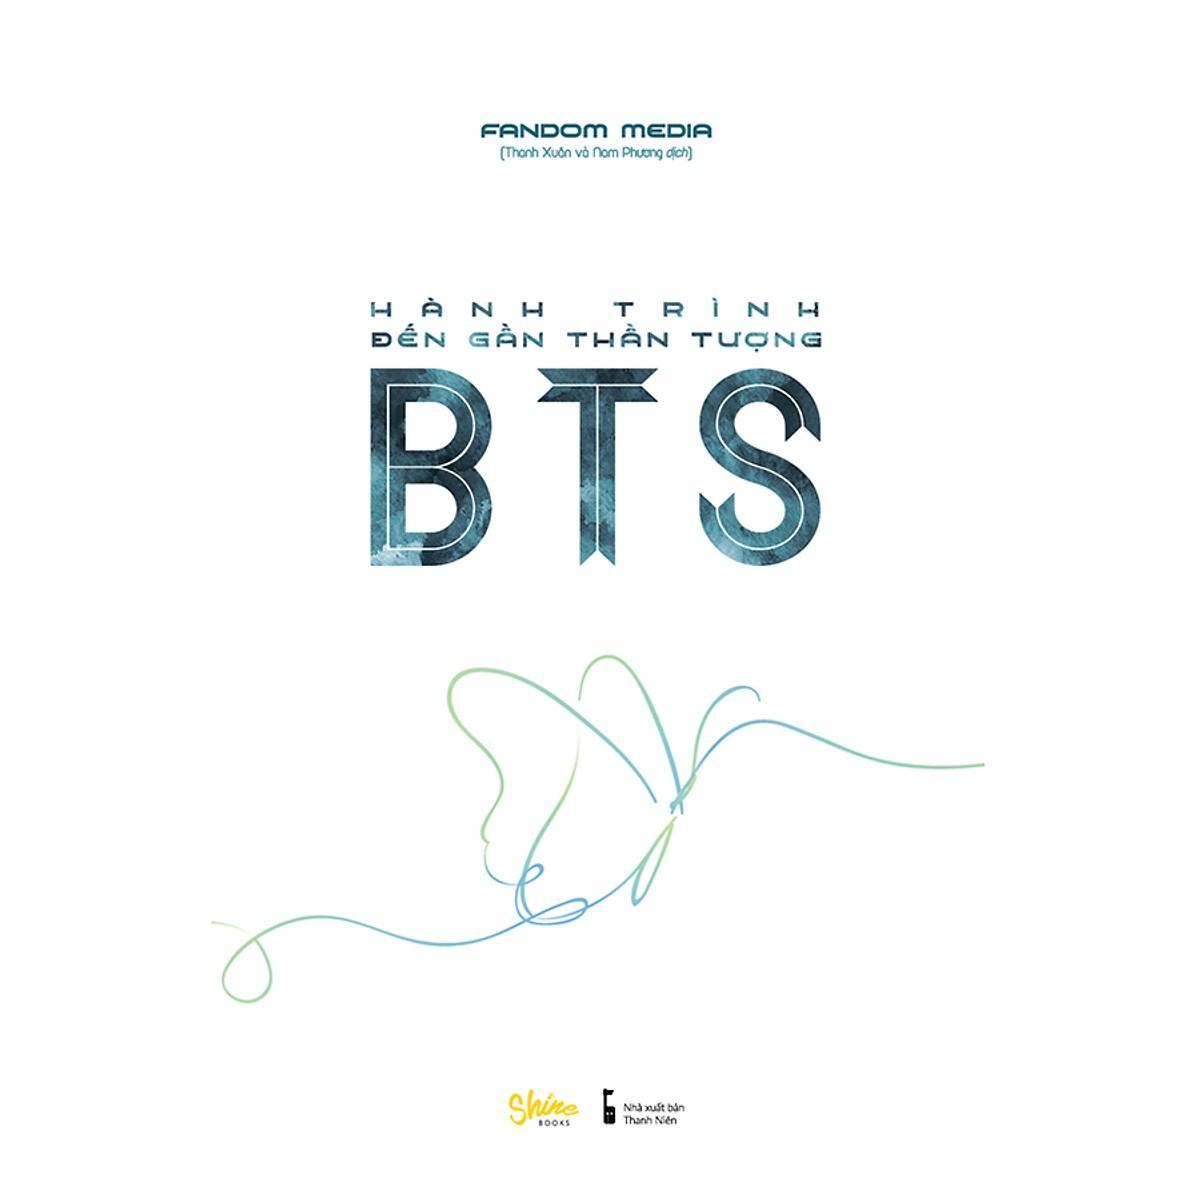 Sách Thật - Hành Trình Đến Gần Thần Tượng BTS ( Tặng Kèm 1 Postcard + 1 Sticker ) Duy Nhất Khuyến Mại Hôm Nay